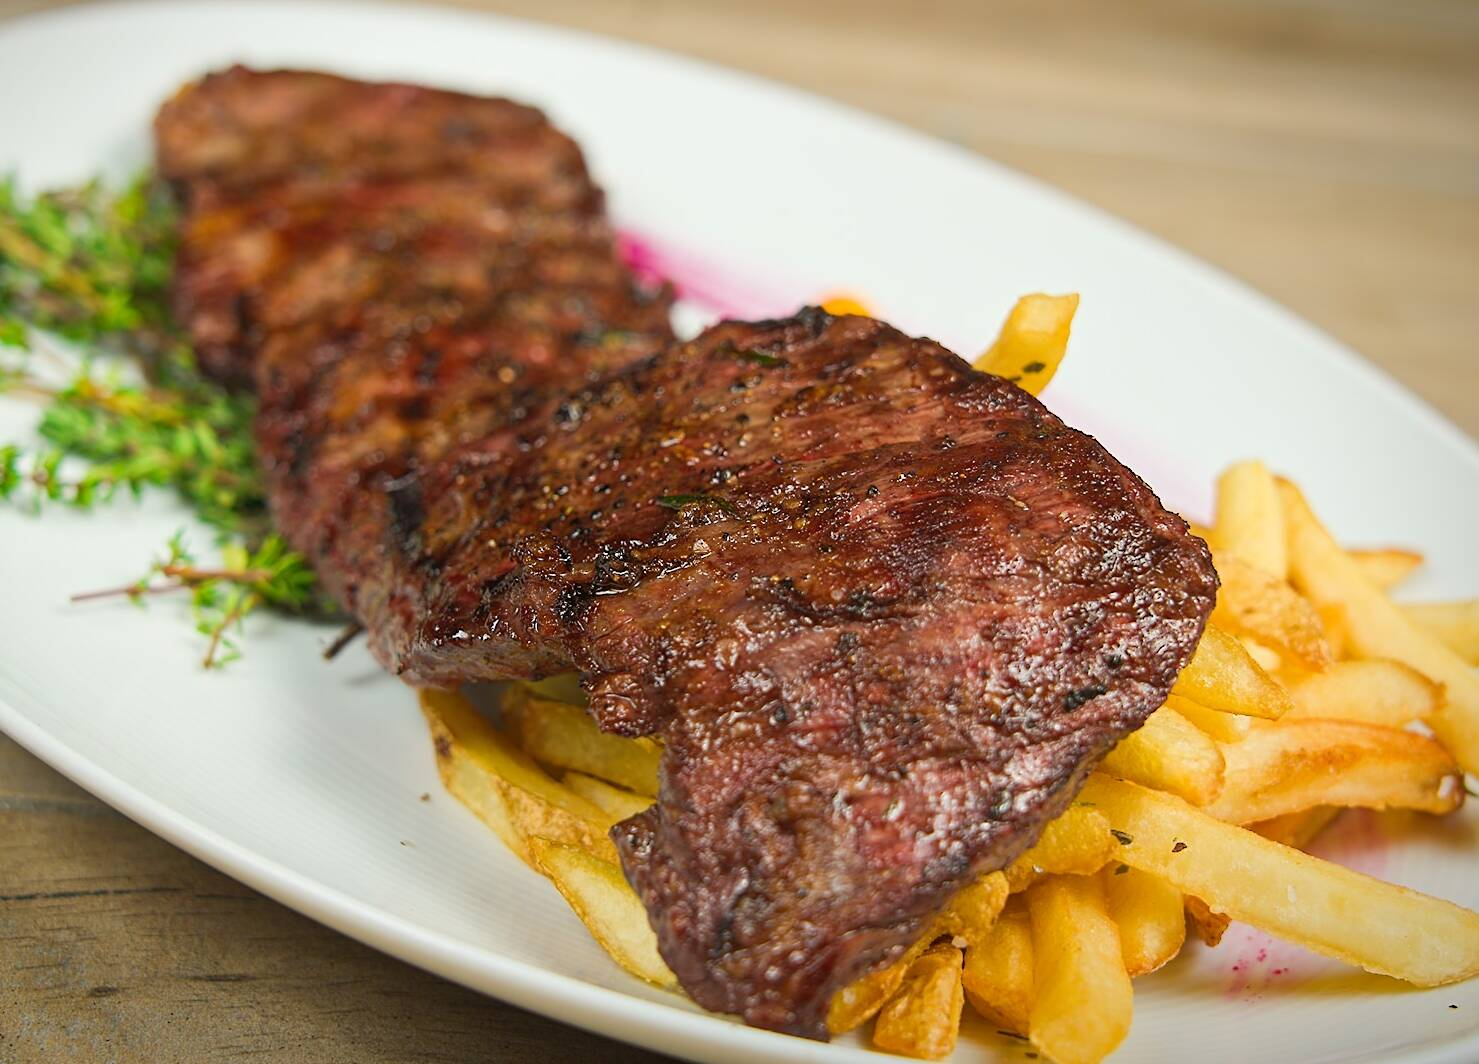 Omaha Skirt Steak